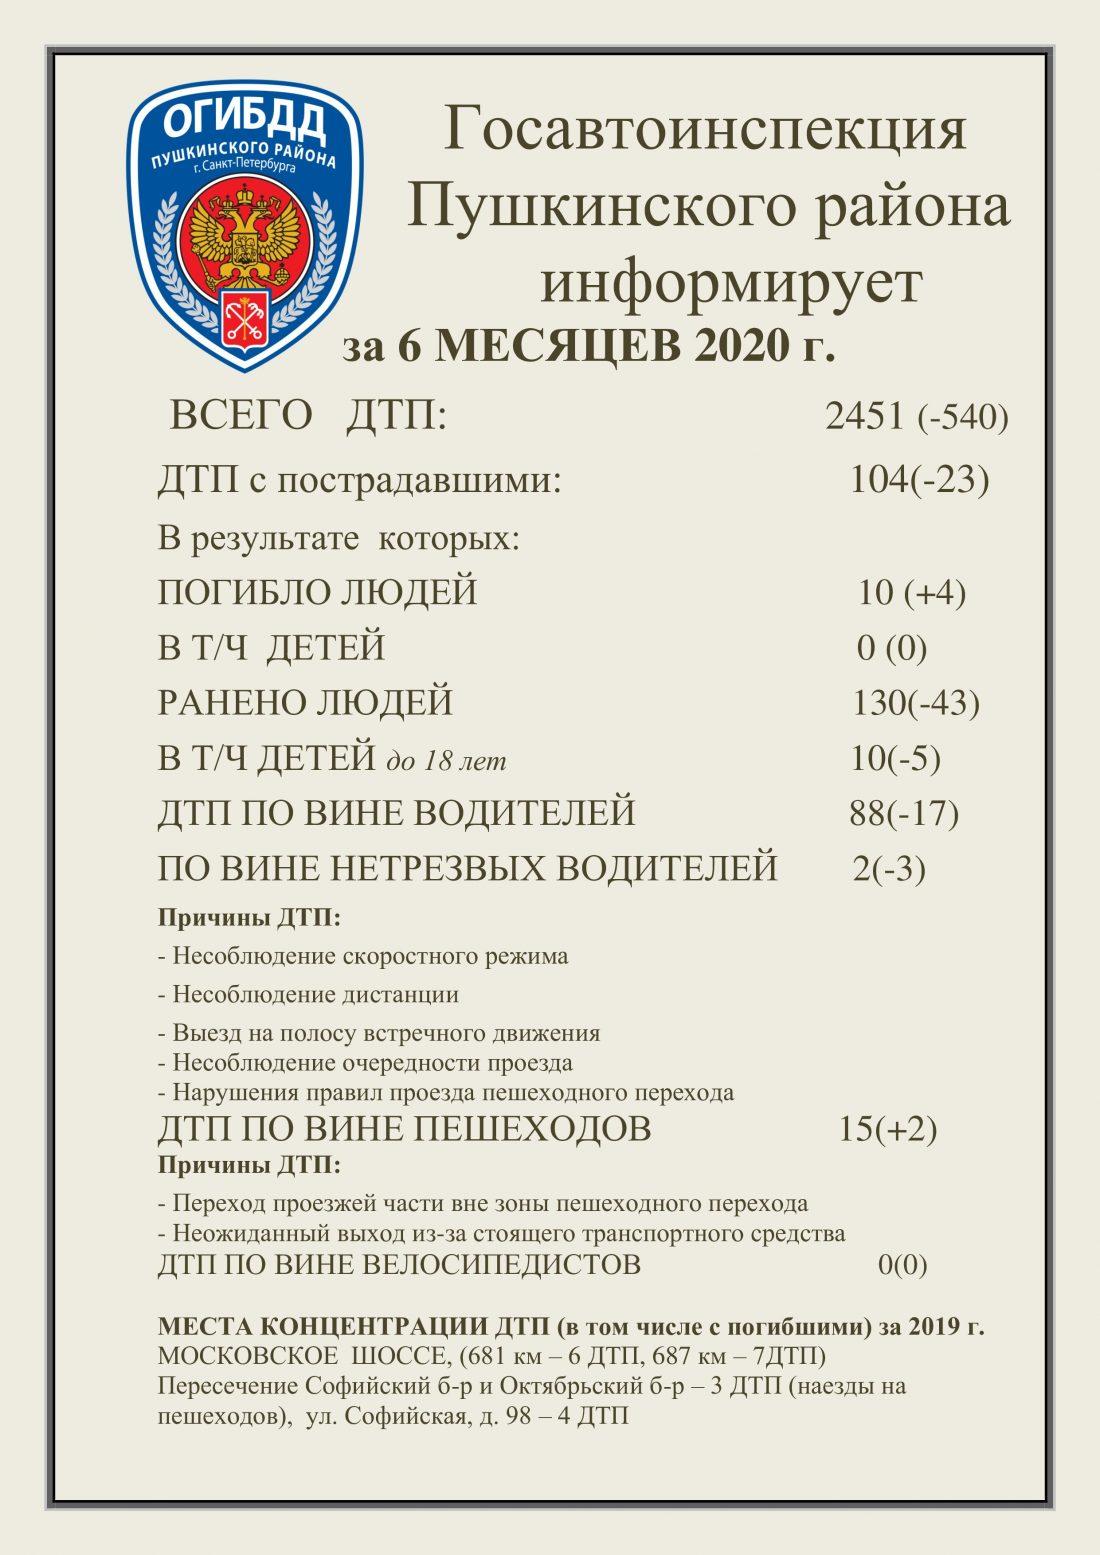 ИЮНЬ 2020 г (pdf.io)